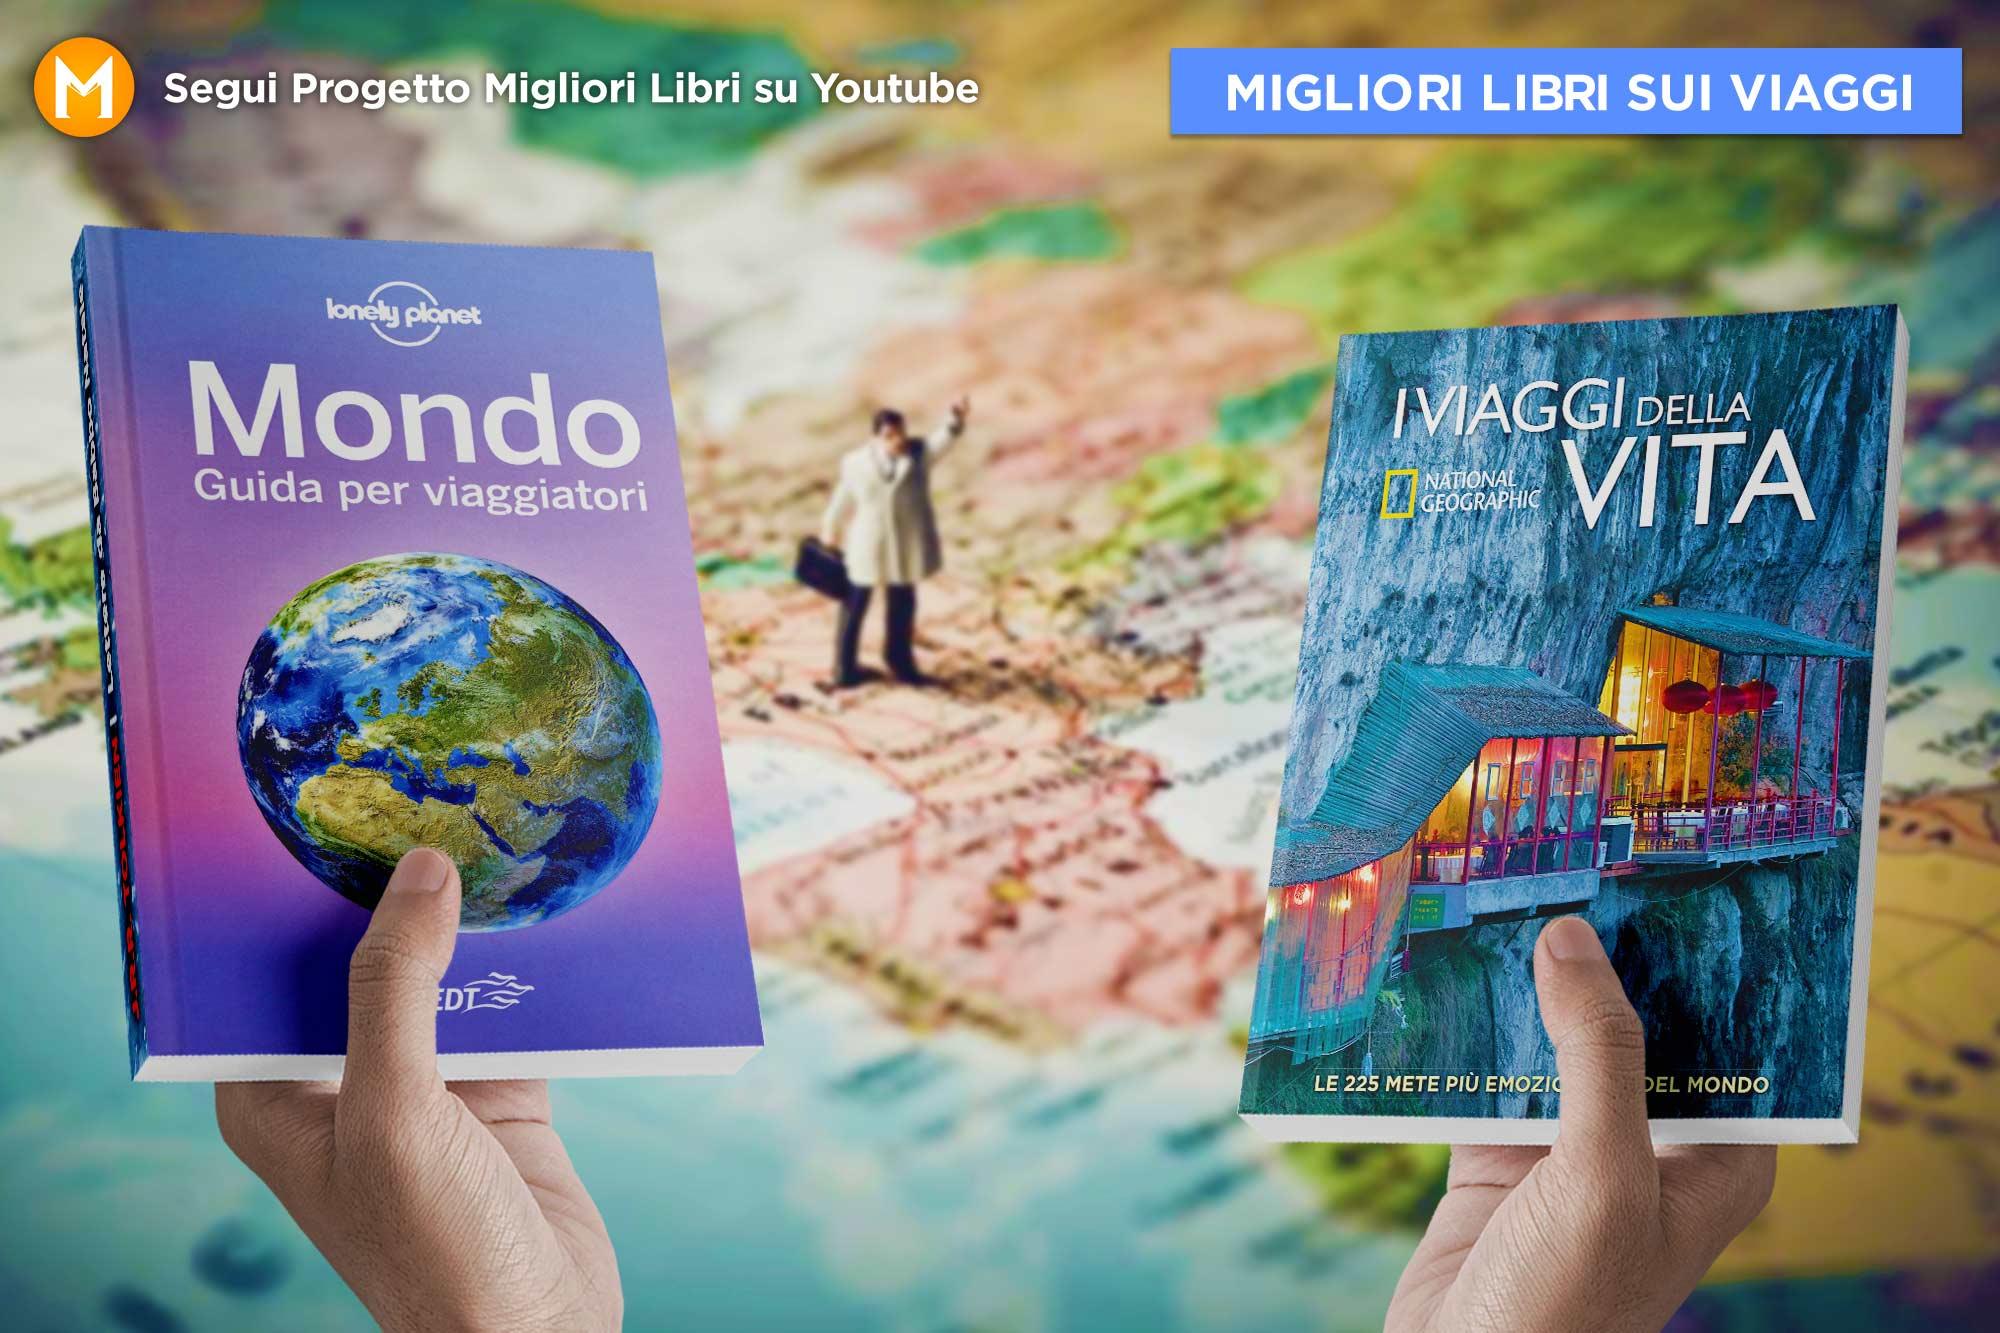 migliori-libri-sui-viaggi